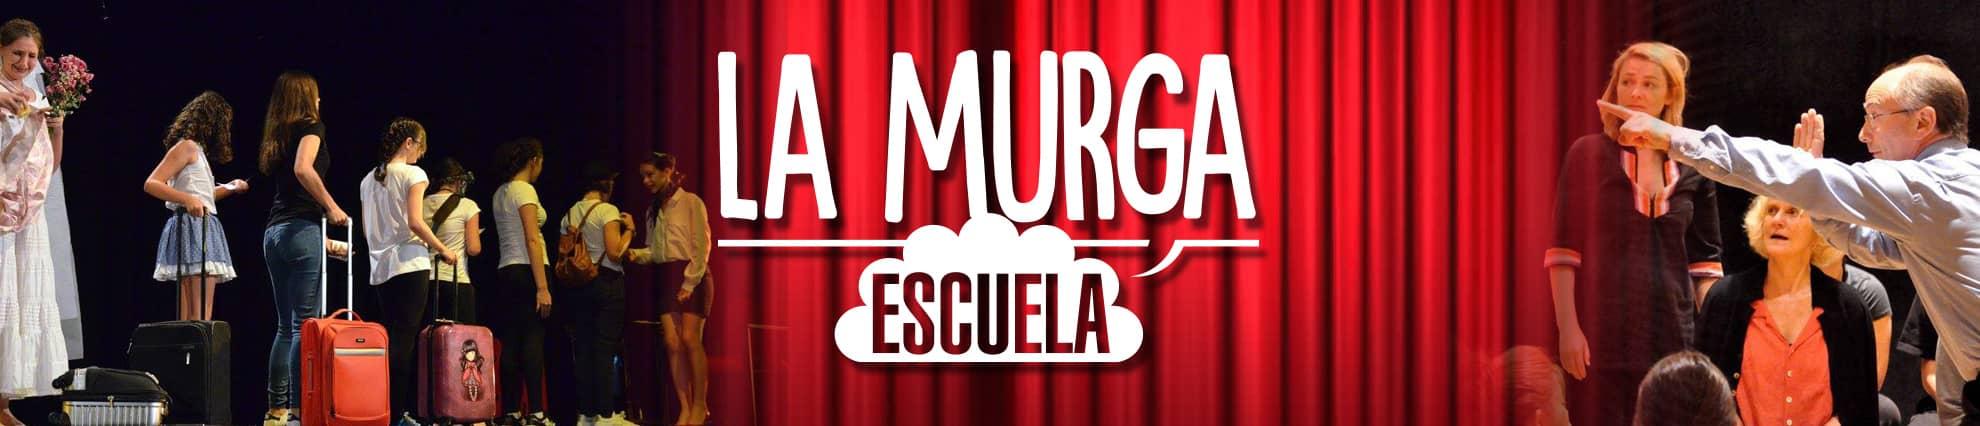 Escuela La Murga Teatro